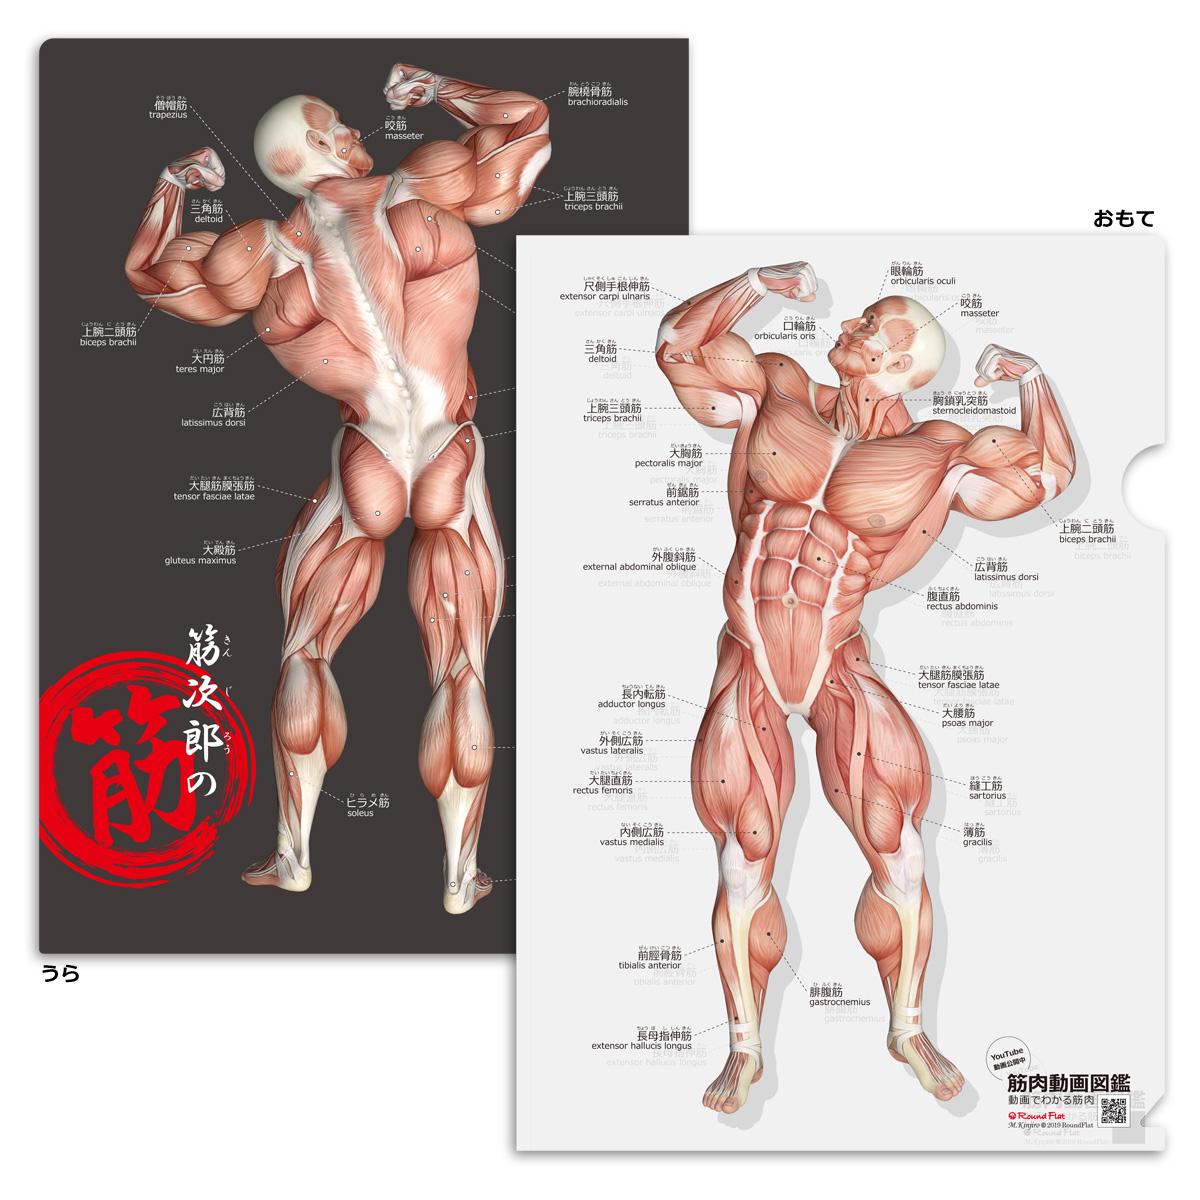 楽天市場】クリアファイル 筋肉 「筋次郎の筋 クリアファイル」 A4 ...